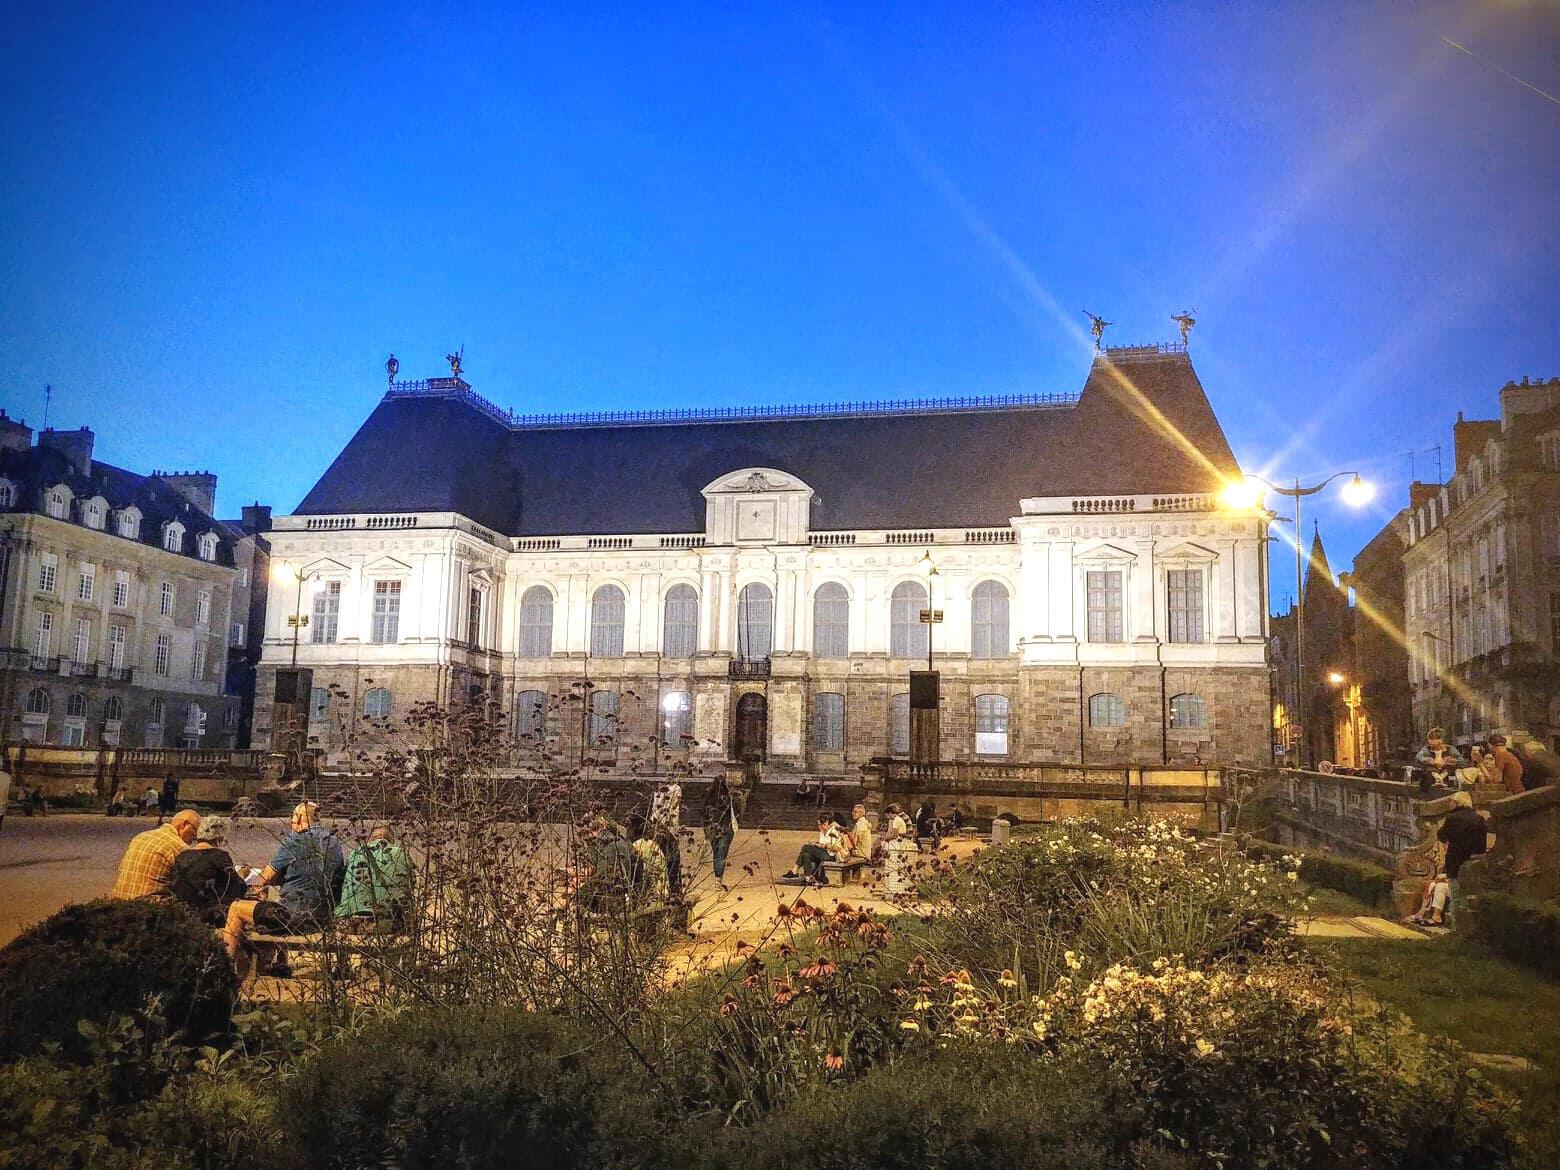 Quang cảnh ban đêm tại quảng trường Nghị Viện vùng Bretagne, Pháp.